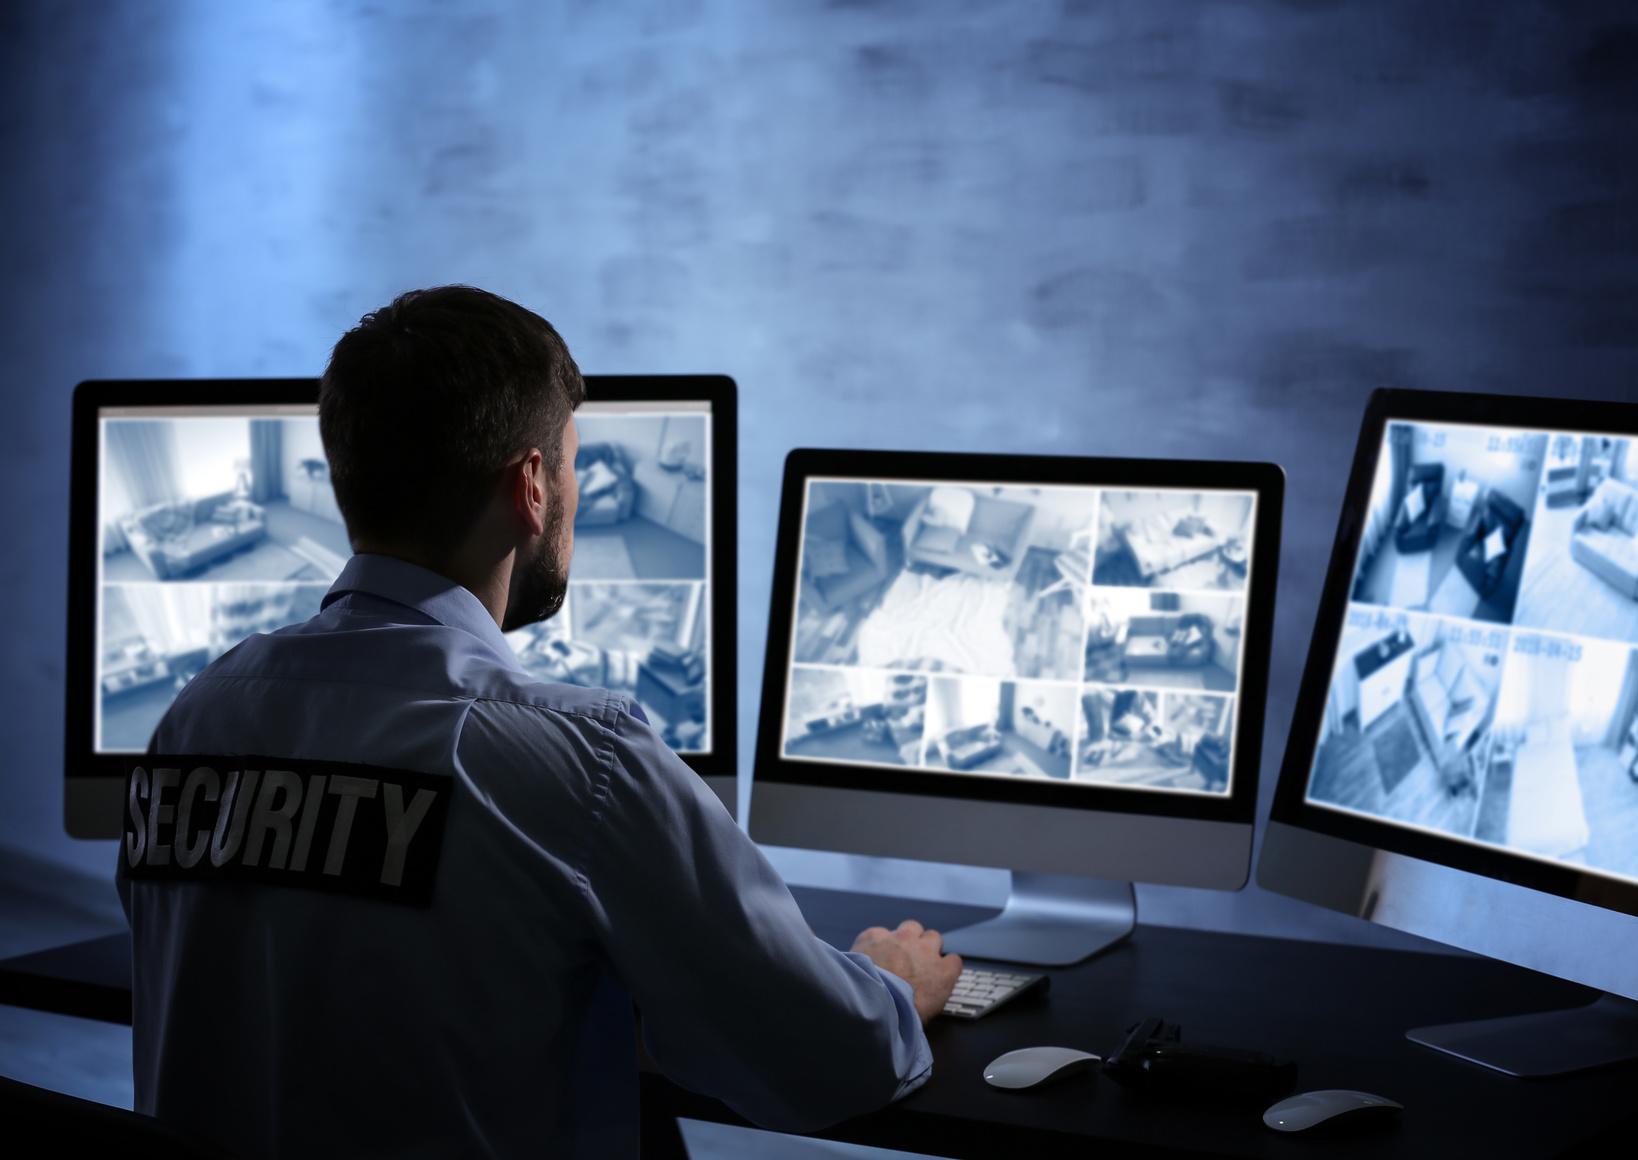 防犯カメラの映像は決定的証拠|映像に関する疑問を徹底解決